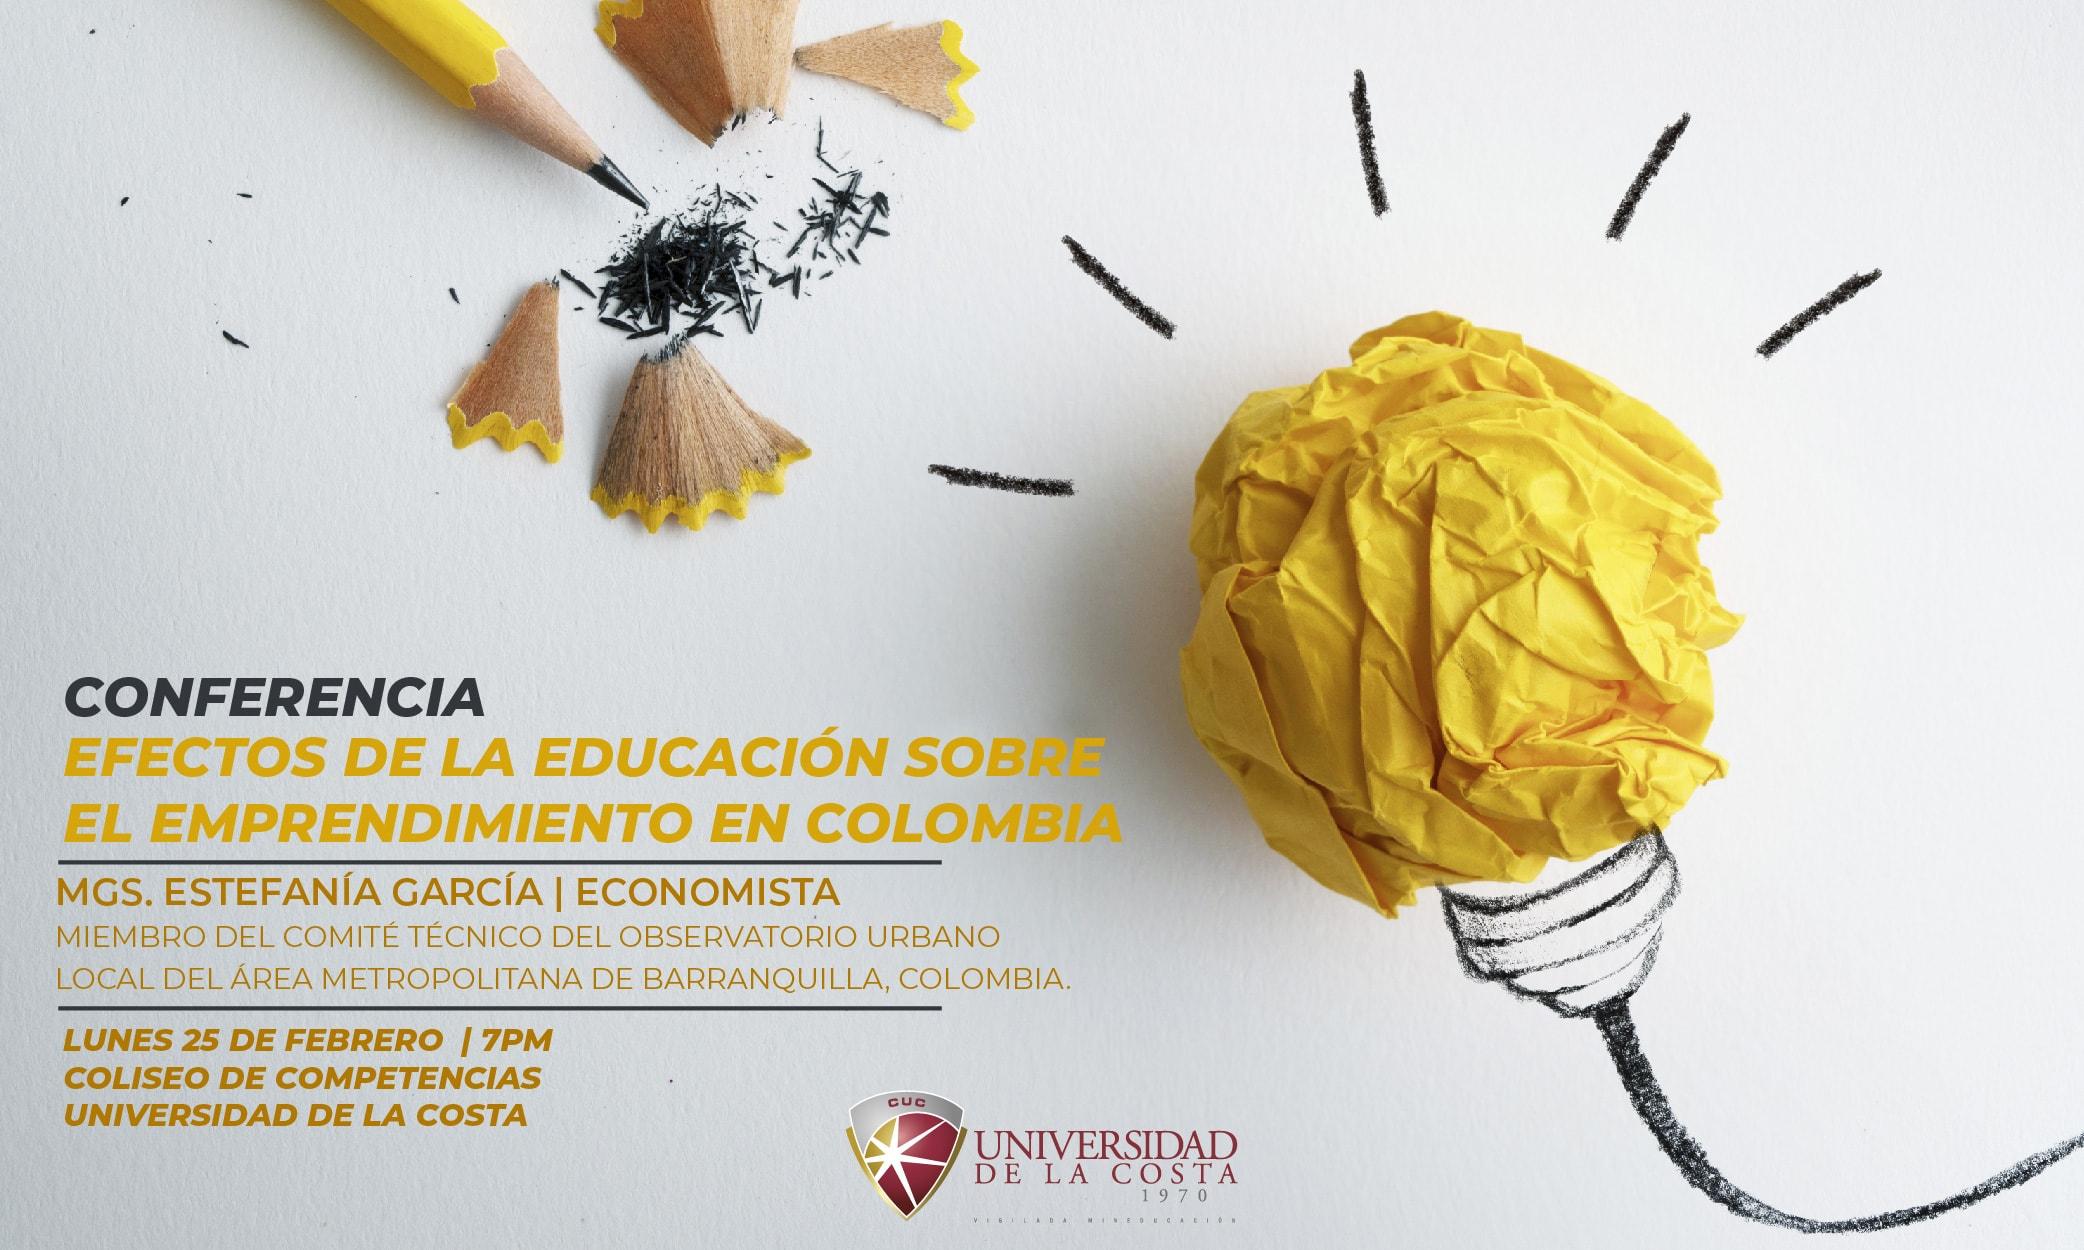 Conferencia 'Efectos de la educación sobre el emprendimiento en Colombia'